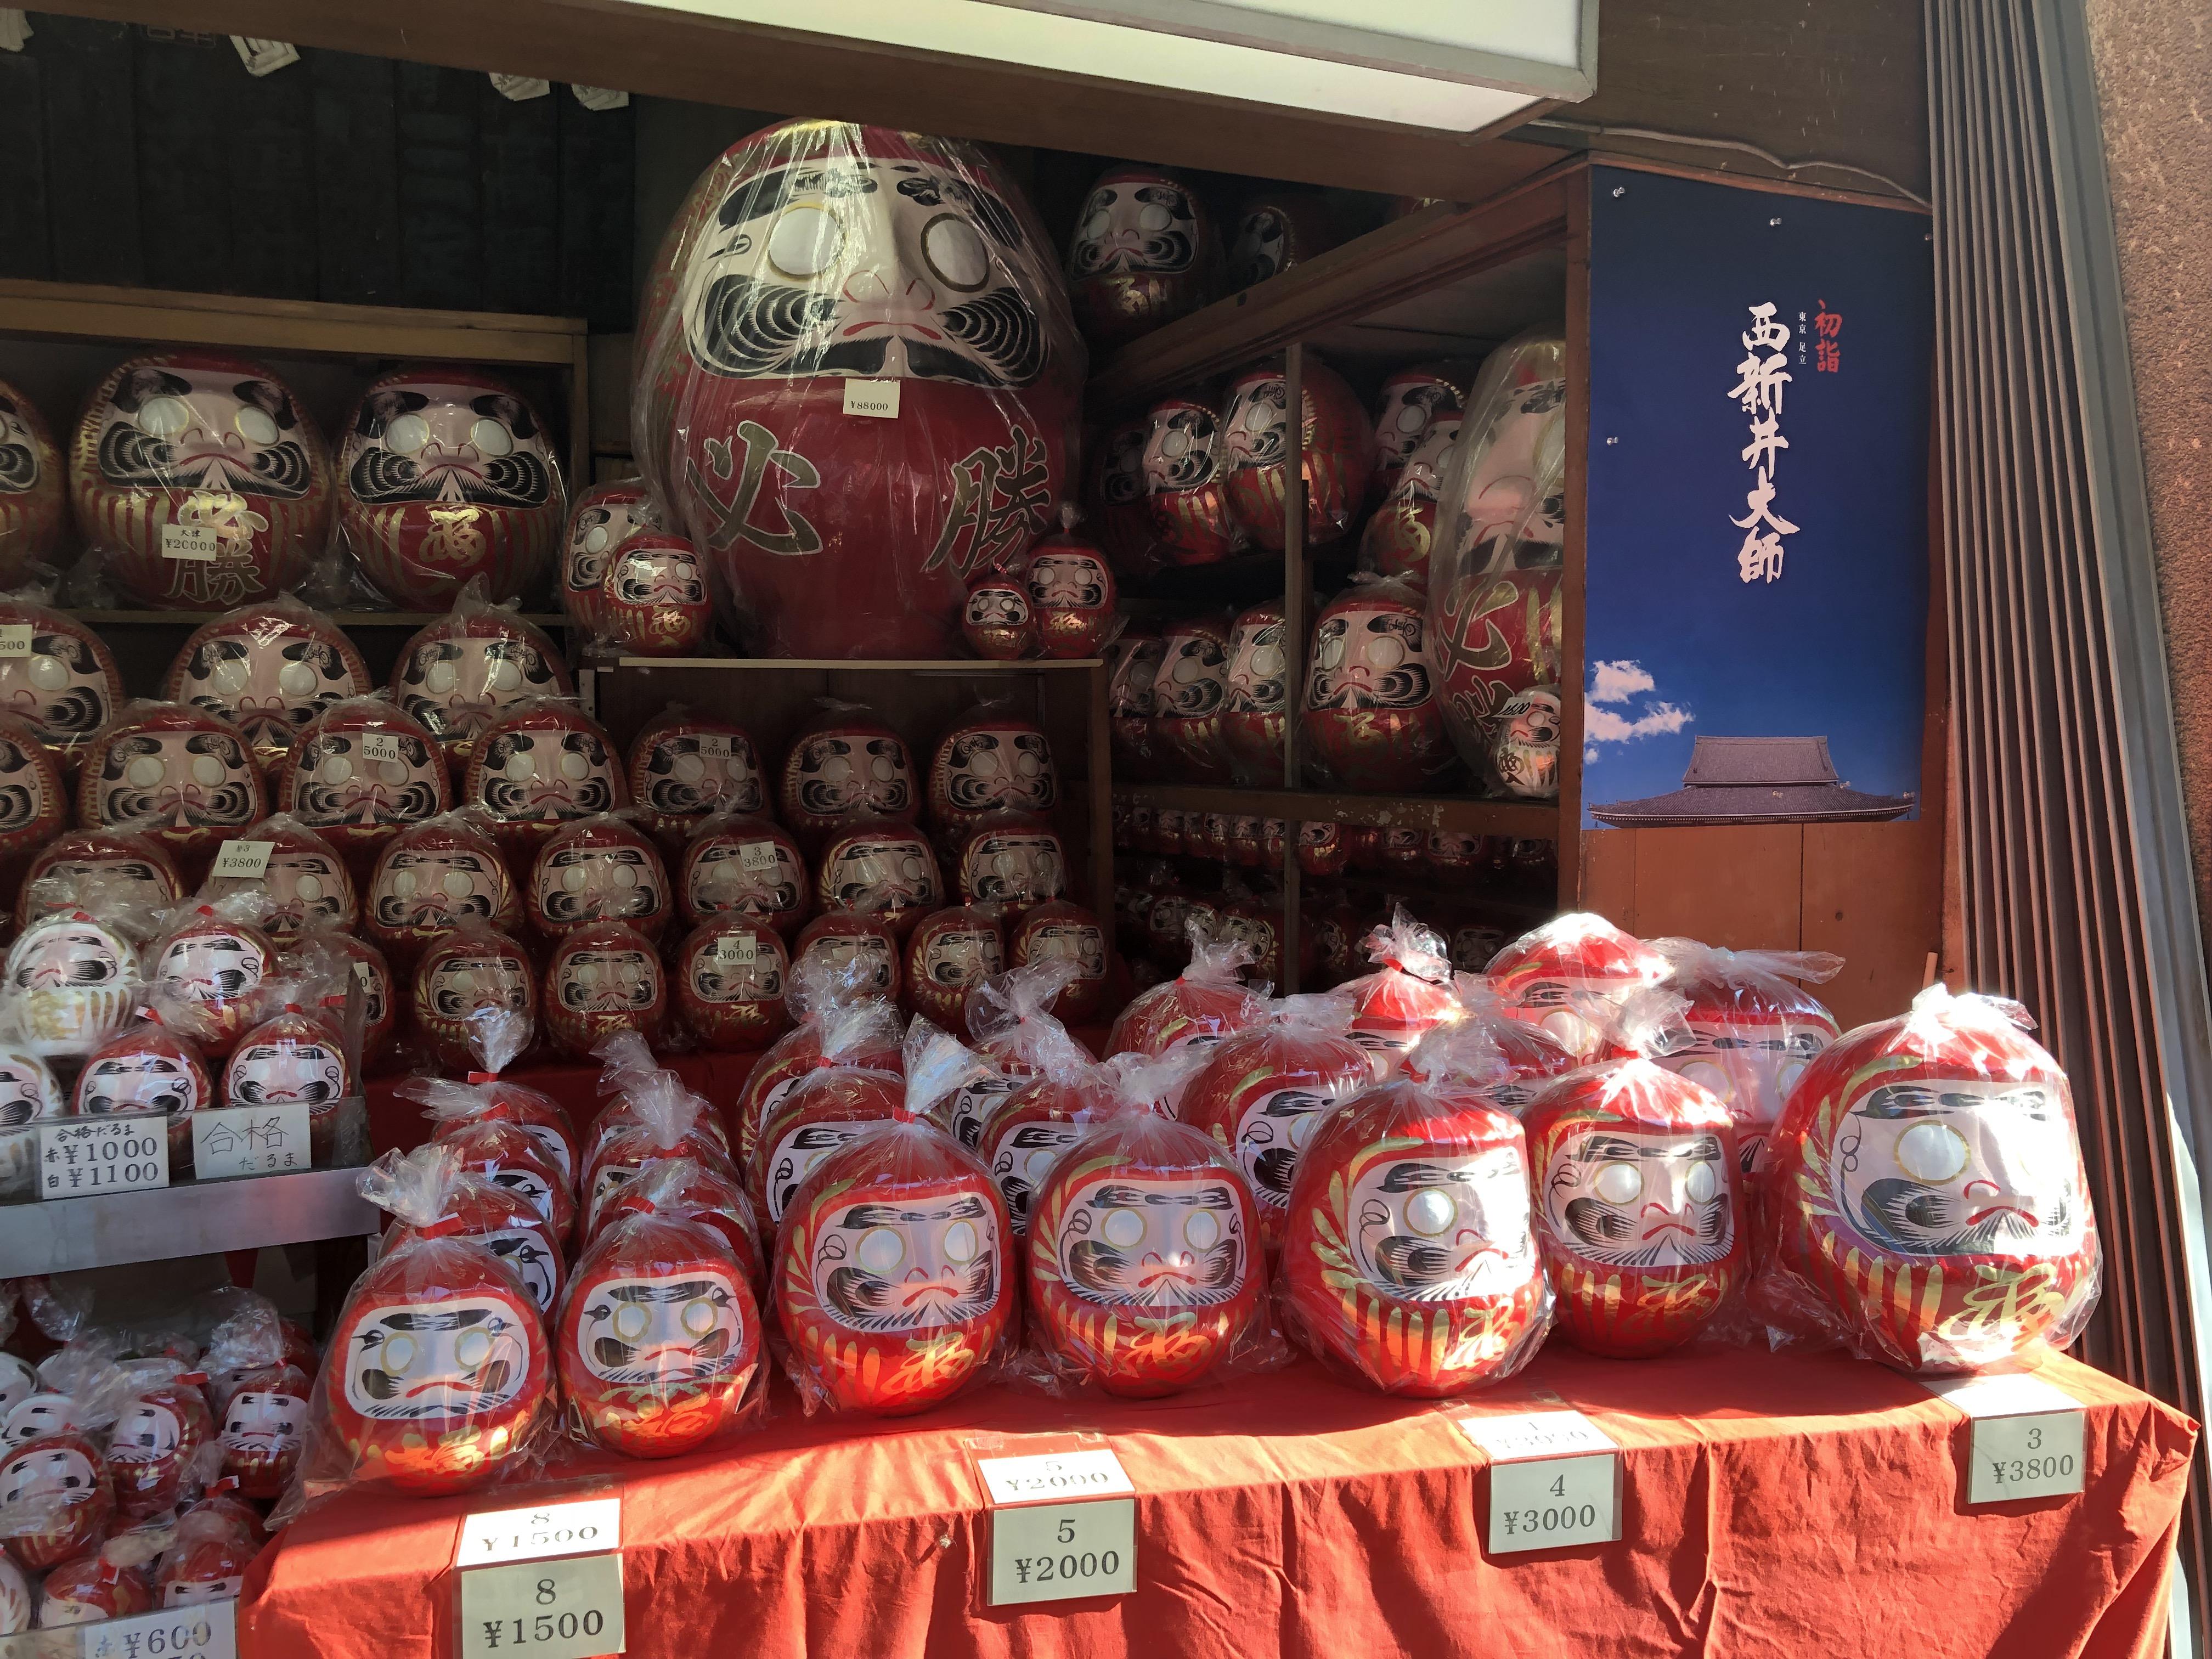 Daruma dolls at Nishiarai temple